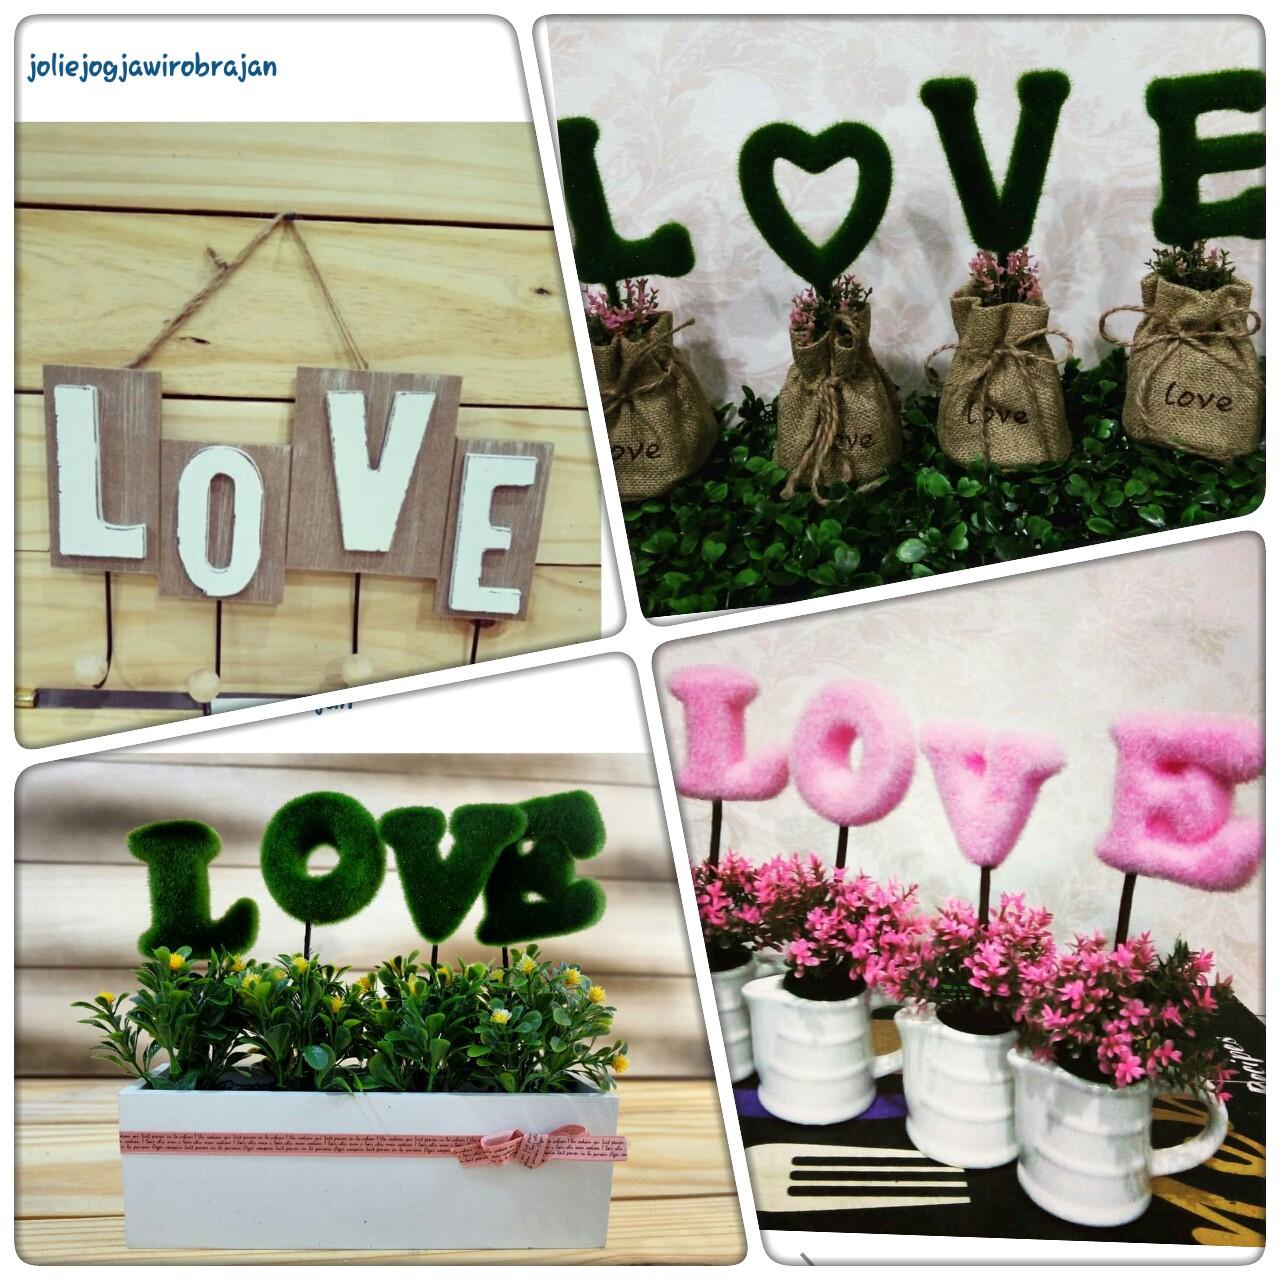 Hope And Love For Future Dekorasi Rumah Idaman Ala Jolie Jogja